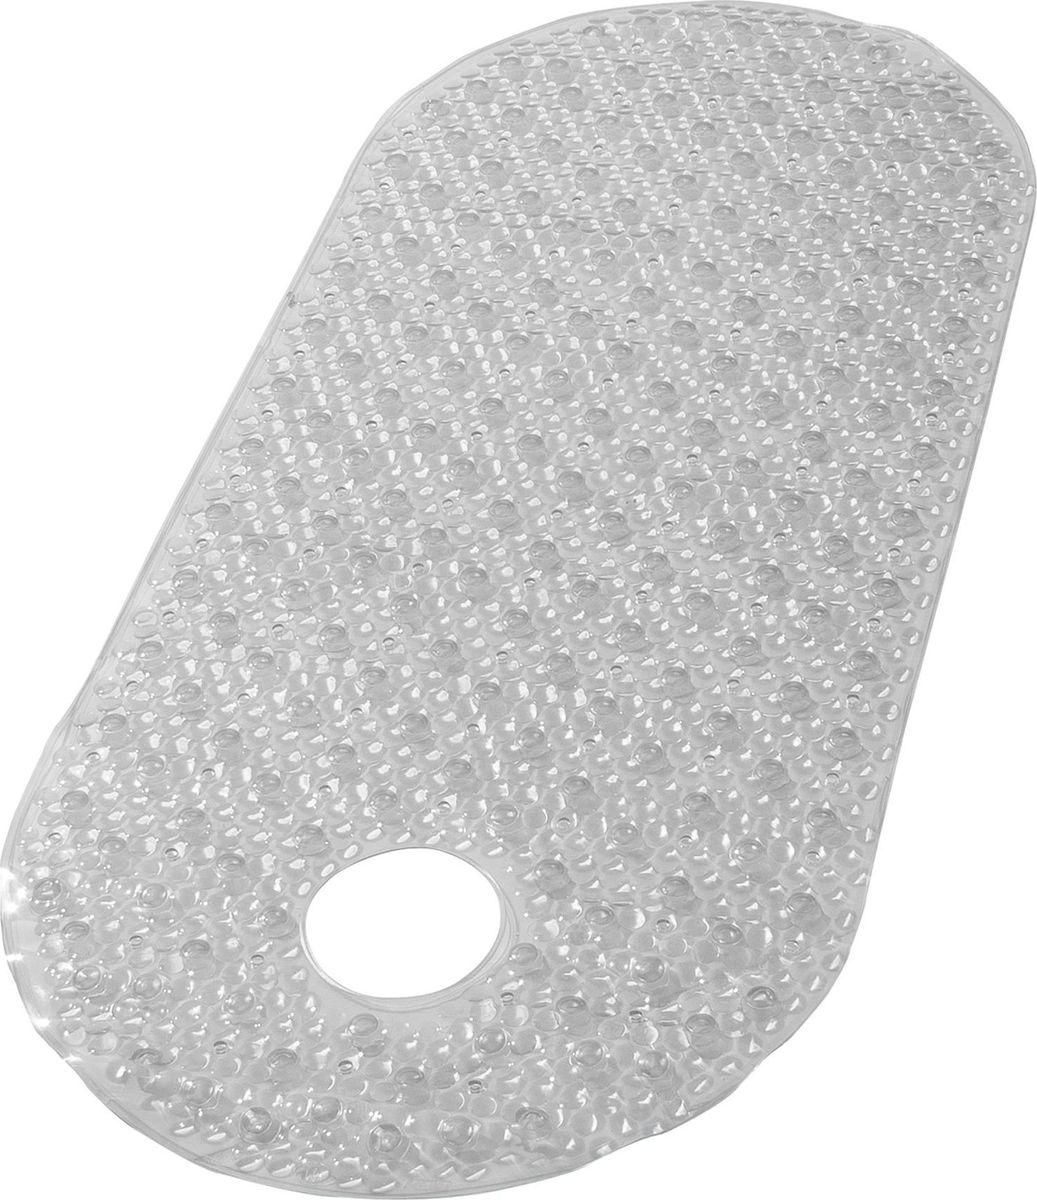 """Высококачественные немецкие коврики """"Lense"""" созданы для вашего удобства.  Состав и свойства противоскользящих ковриков: ПВХ с защитой от плесени и грибка; Имеются присоски для крепления. Безопасность изделия соответствует стандартам LGA (Германия).  Размер коврика: 38 х 88 см."""